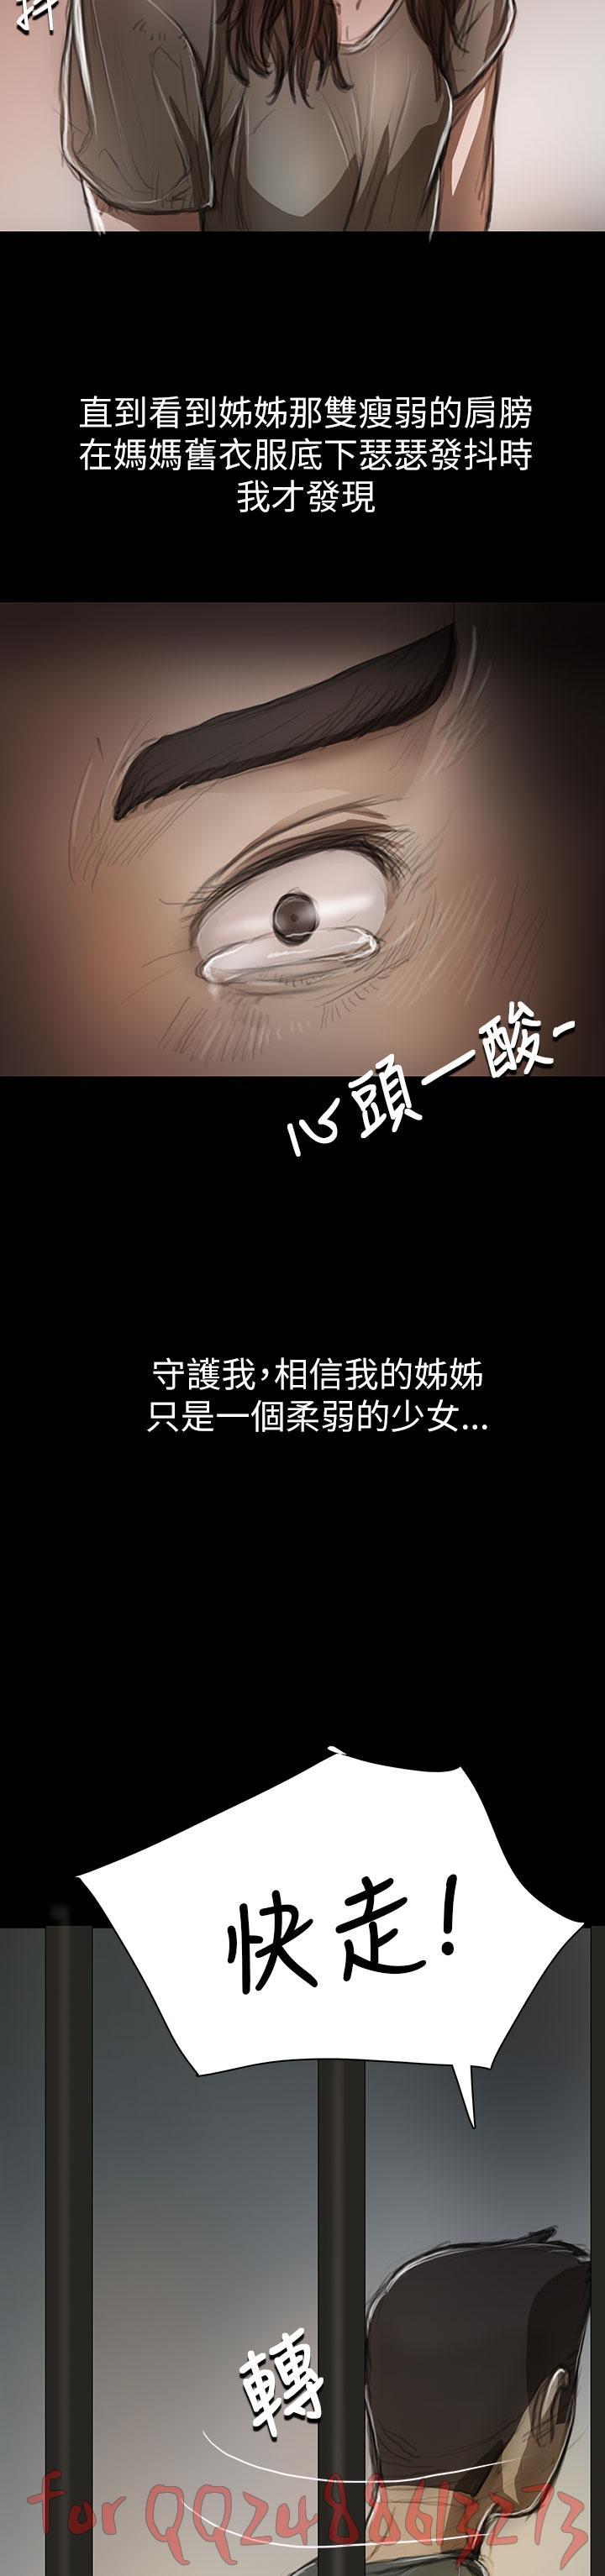 姊姊: 莲 第1~10話 [Chinese]中文 387